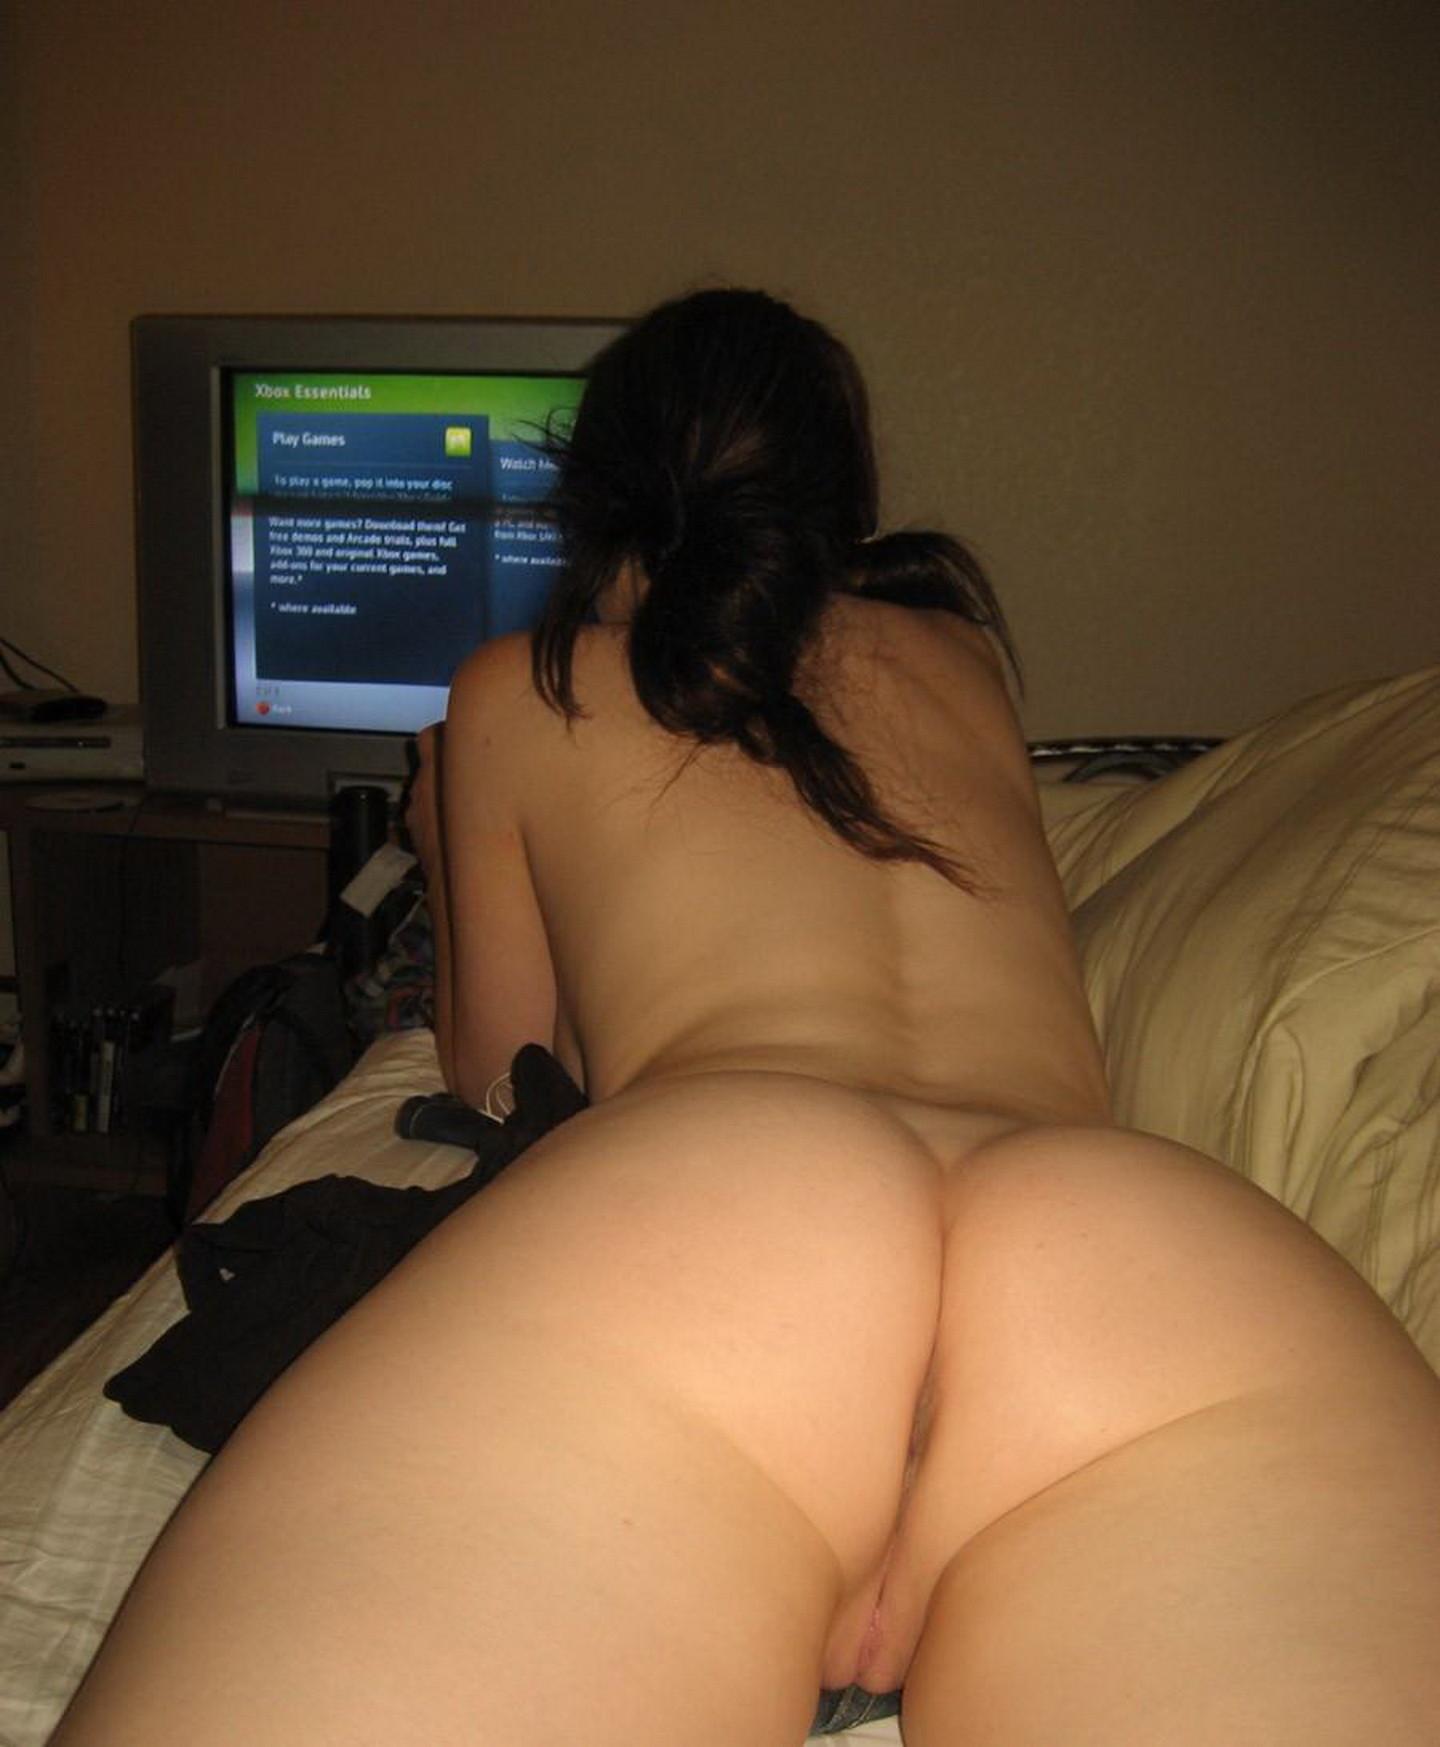 Gamer chicks naked, women ass butt booty